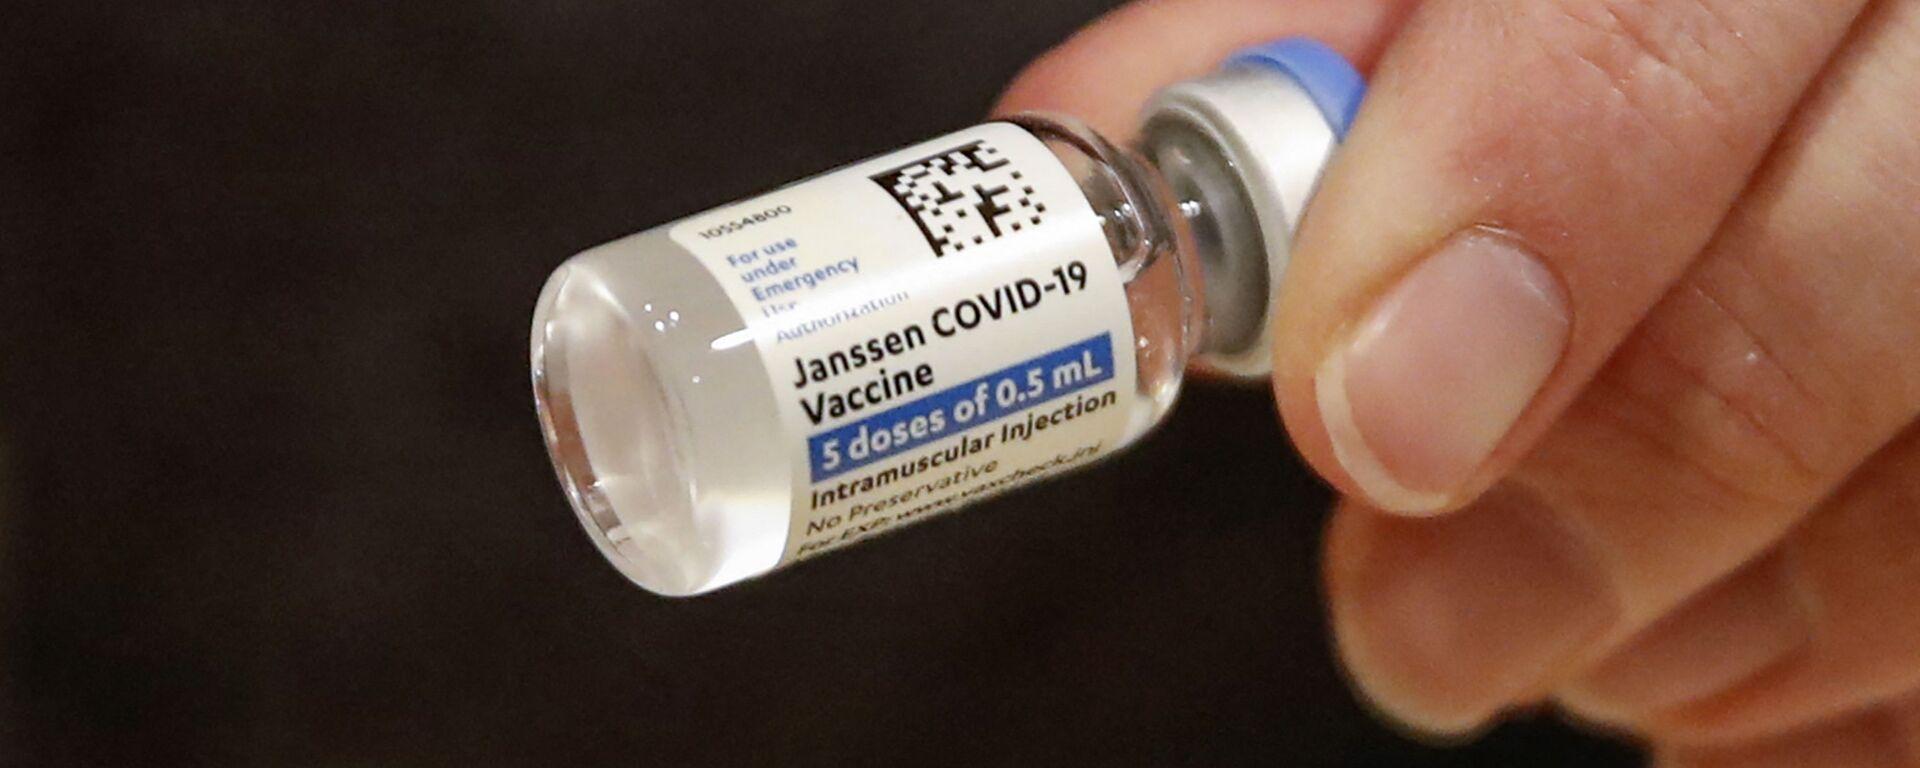 Vakcína od Johnson & Johnson - Sputnik Česká republika, 1920, 13.04.2021